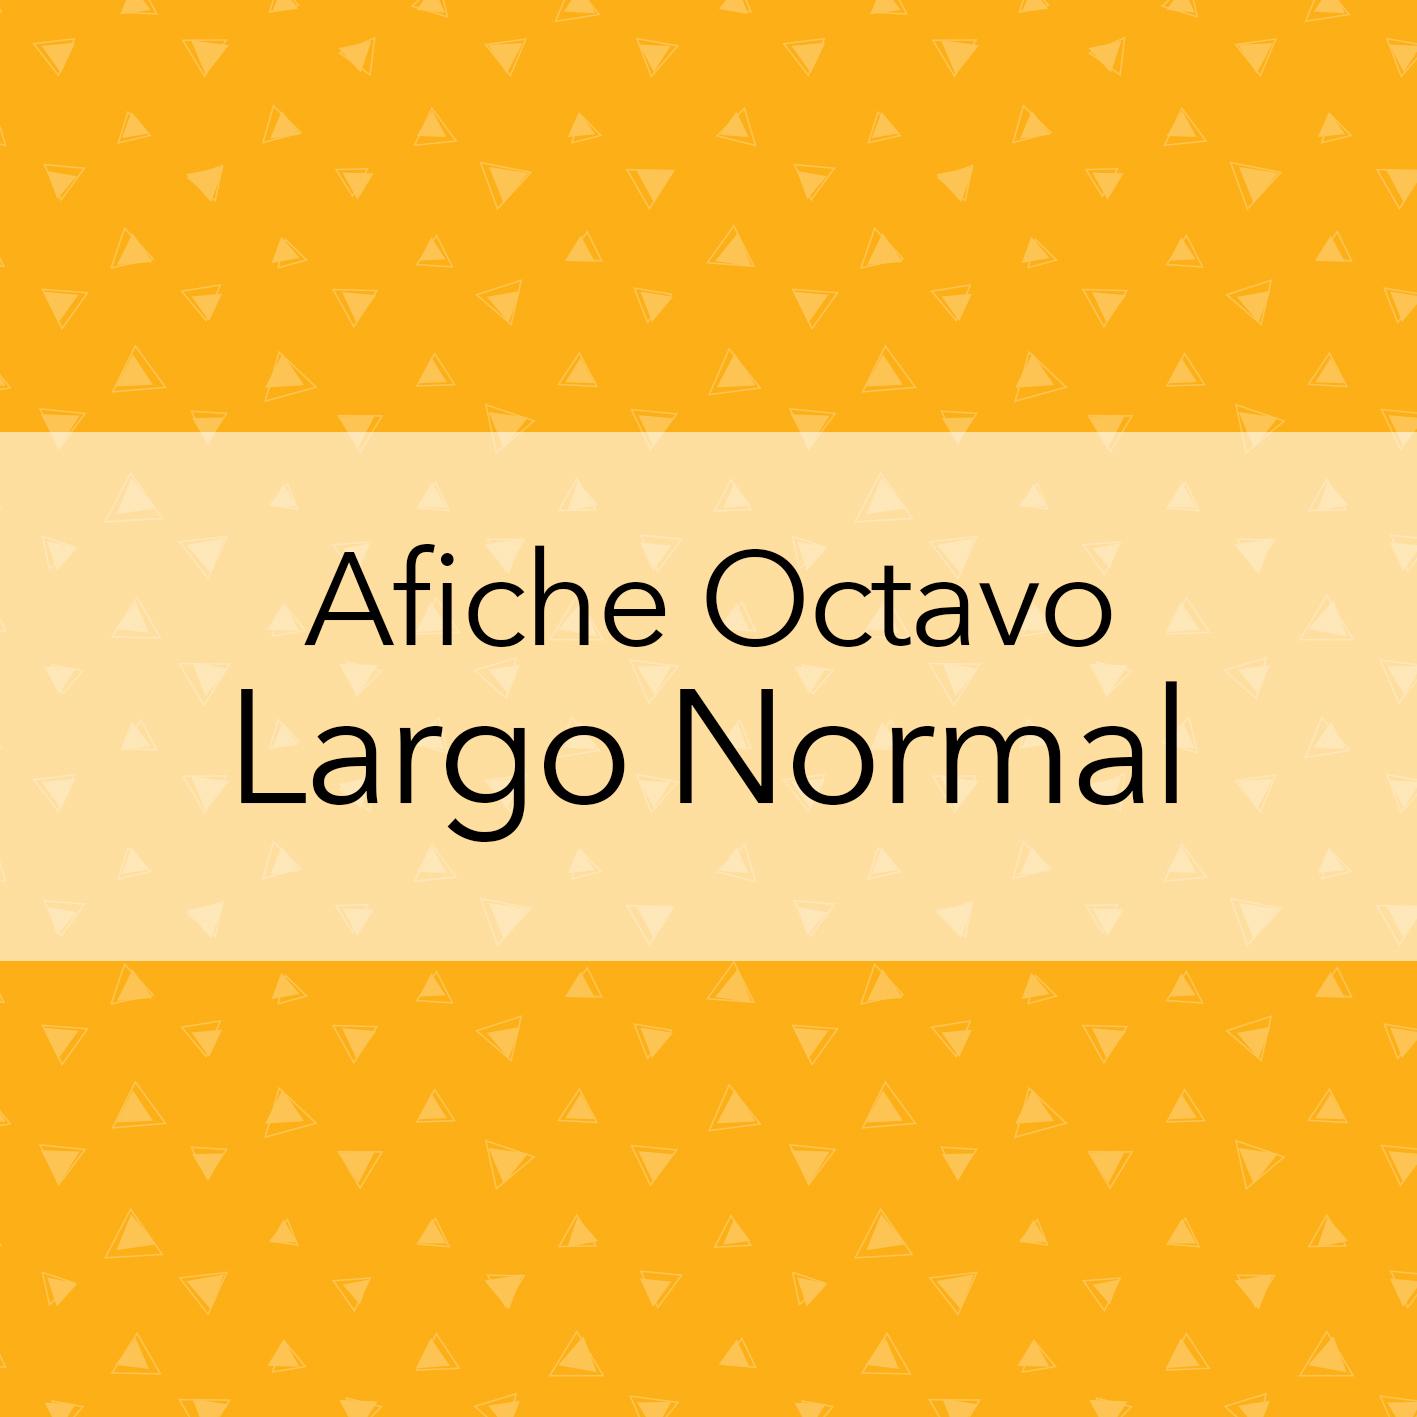 AFICHE OCTAVO LARGO NORMAL